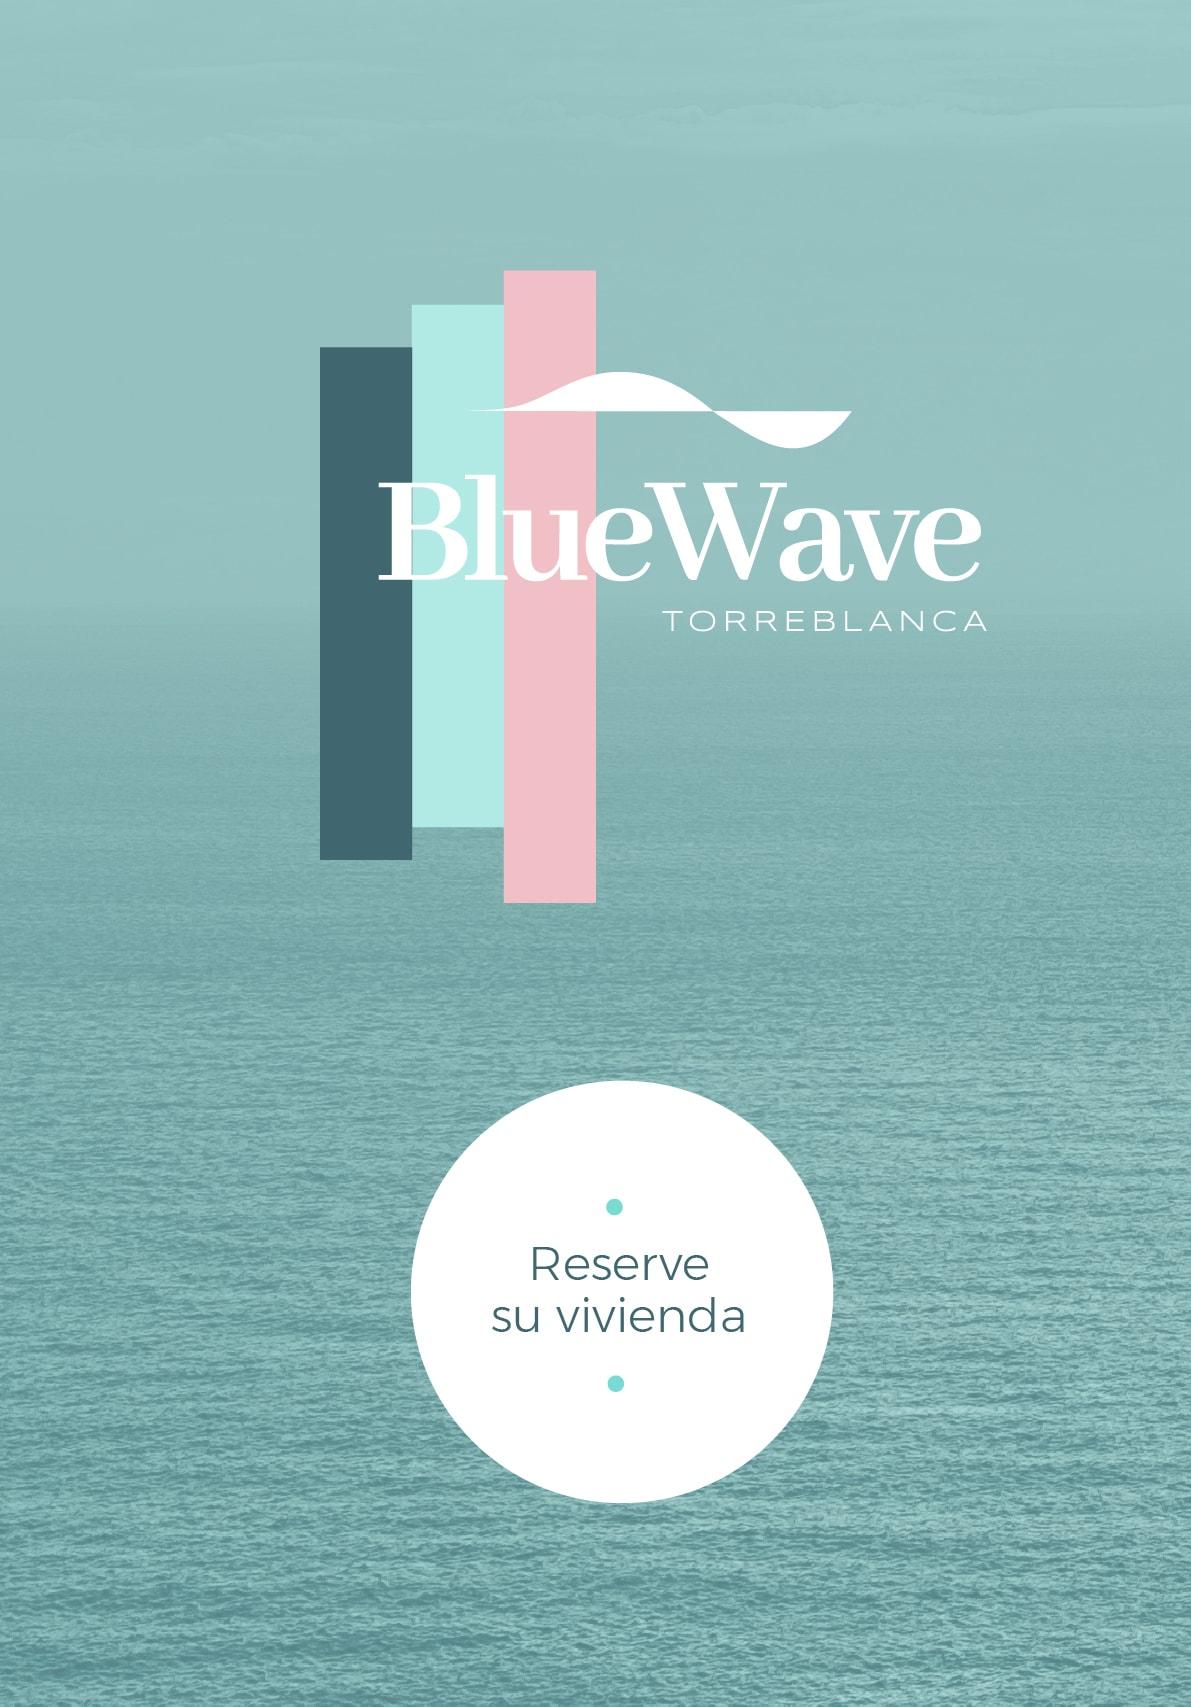 BlueWave Torreblanca - Reserva del Higuerón